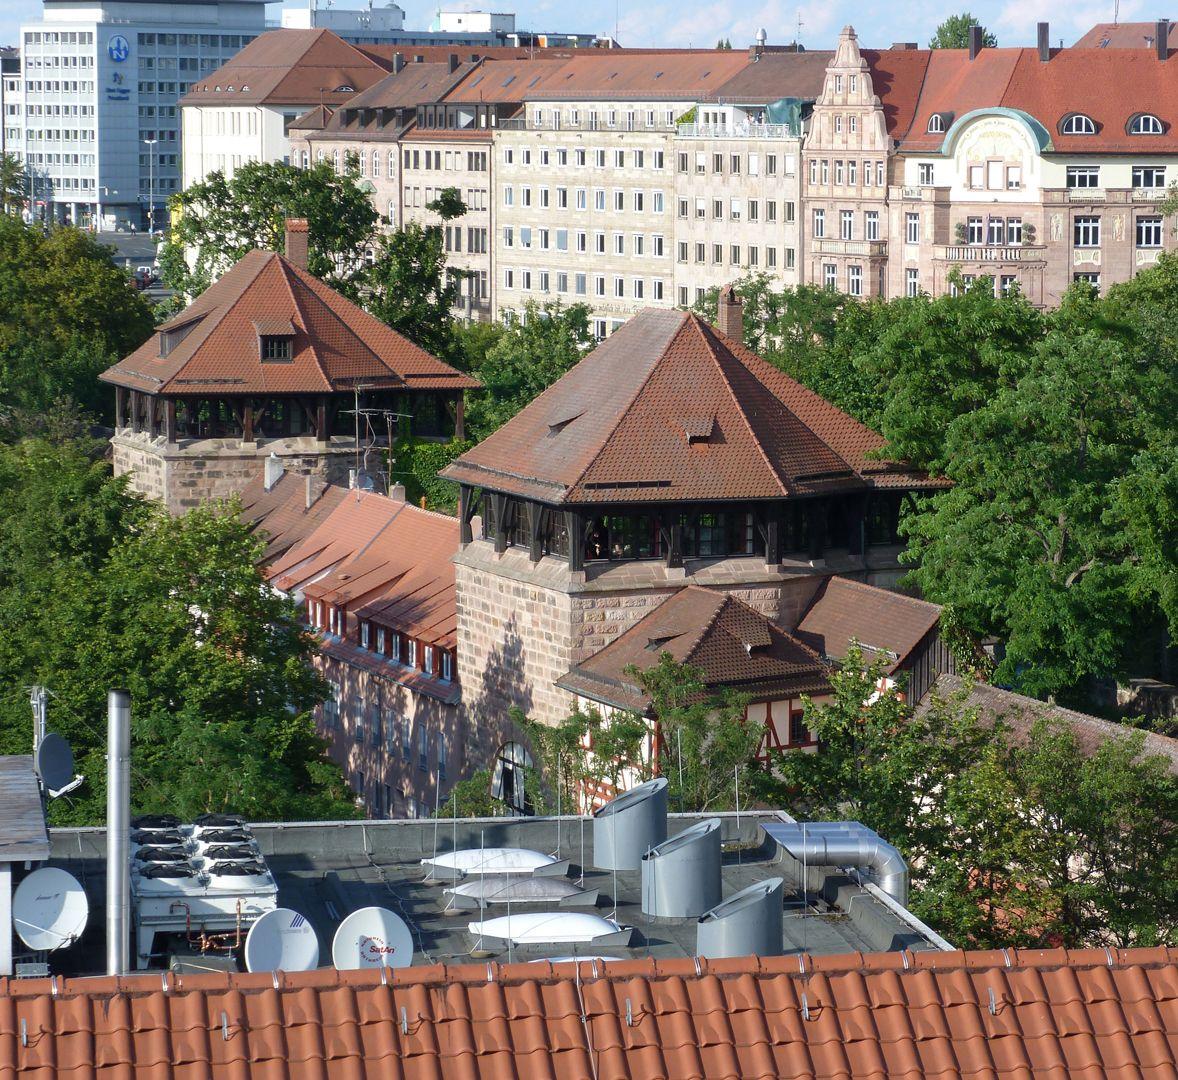 Wehrturm (Schwarz Z) Hintere Turm: Krakauer Haus; vorderer Turm: Wehrturm Blau A (Hintere Insel Schütt 20), Wiederaufbau mit Fachwerkanbau 1979/80 durch eine Stiftung der Firma Diehl